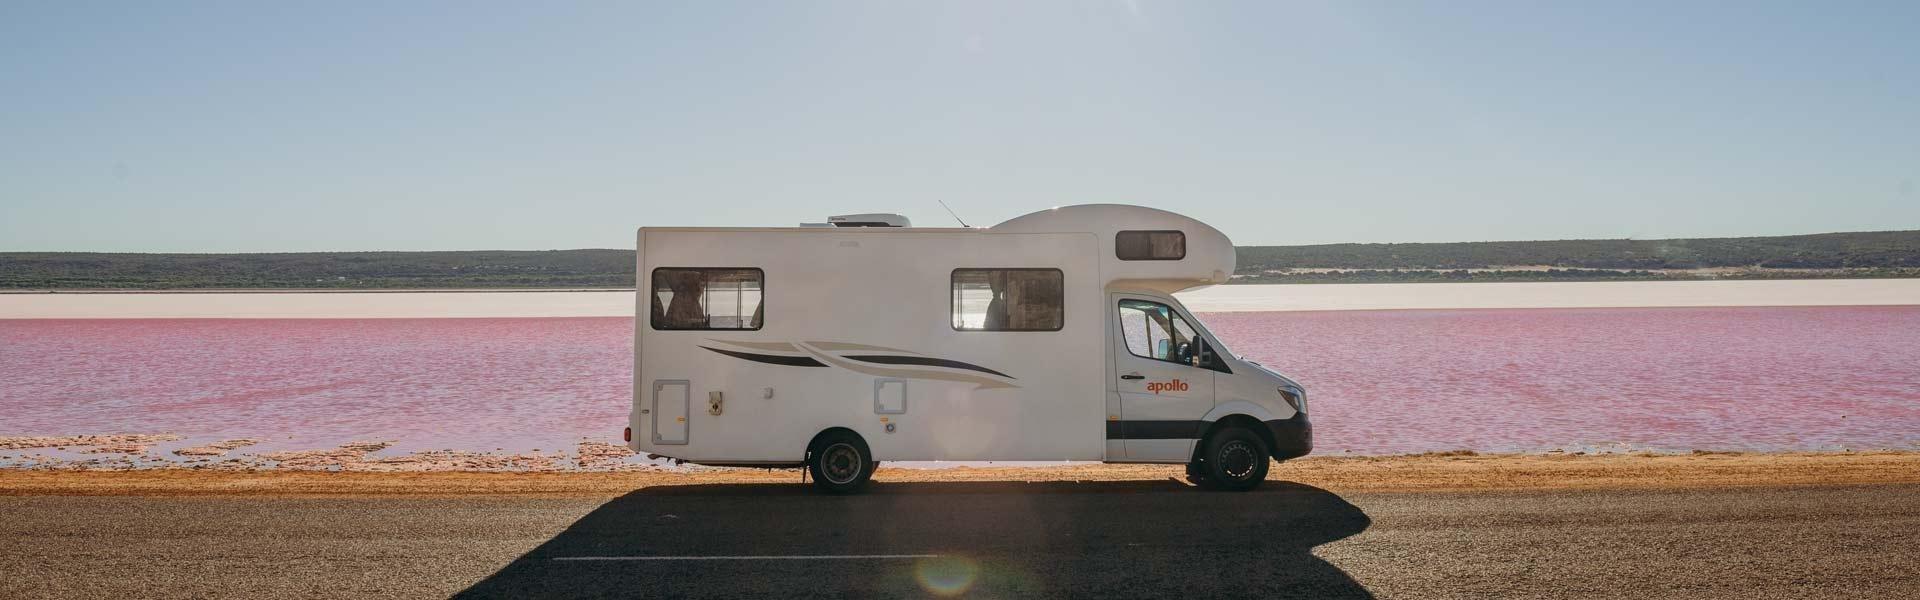 Ga op camperreis door Australië in een luxe camper van Star RV